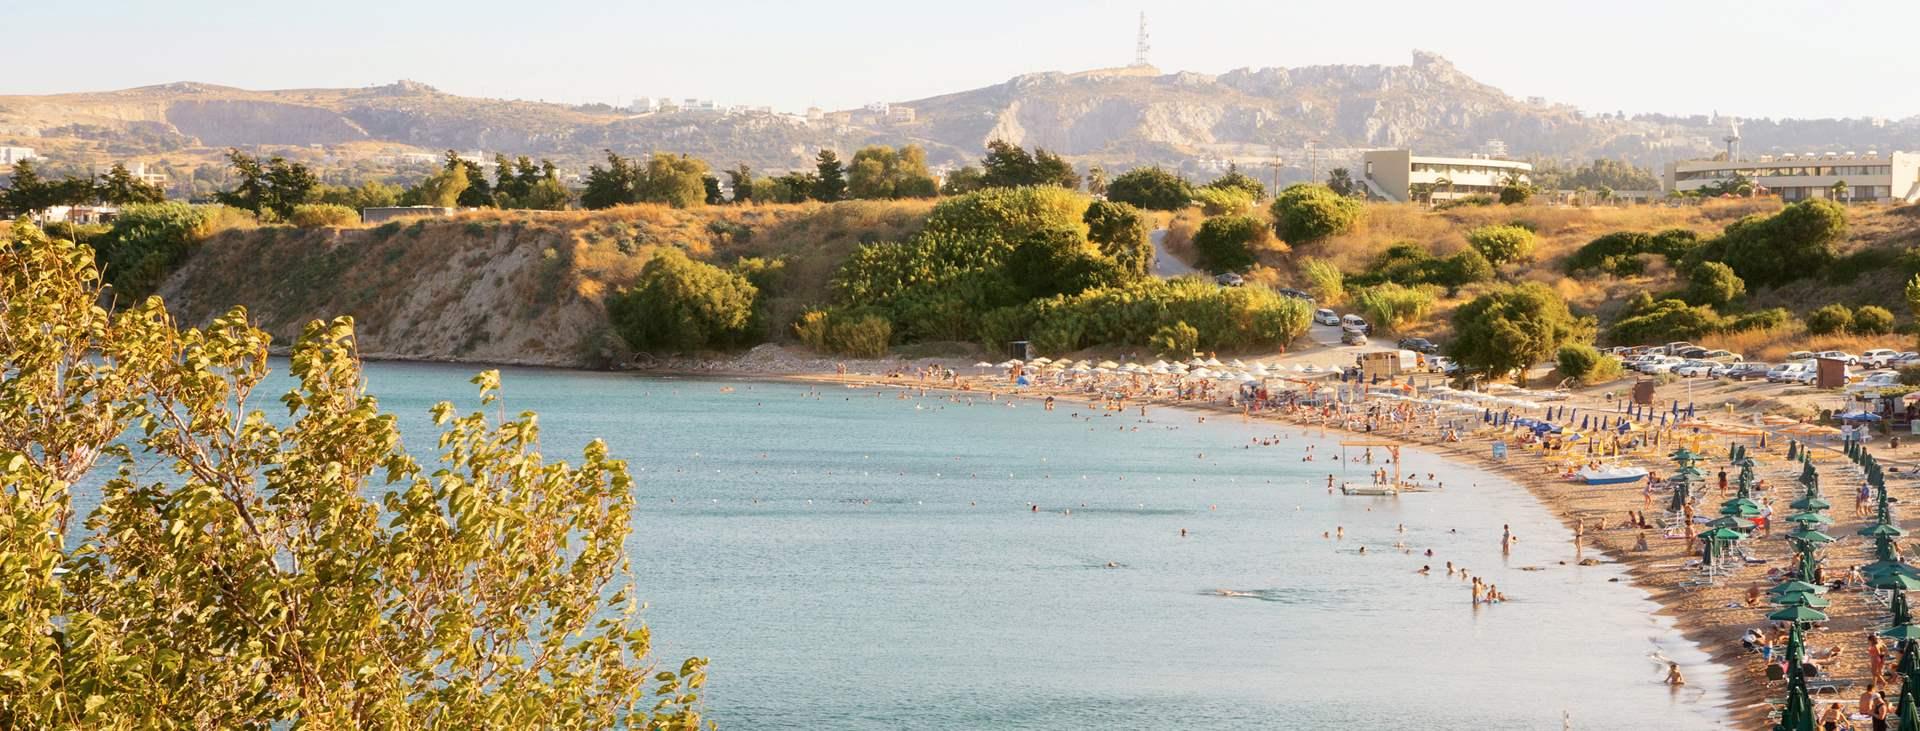 Bestill en reise med All Inclusive til Kallithea på Rhodos